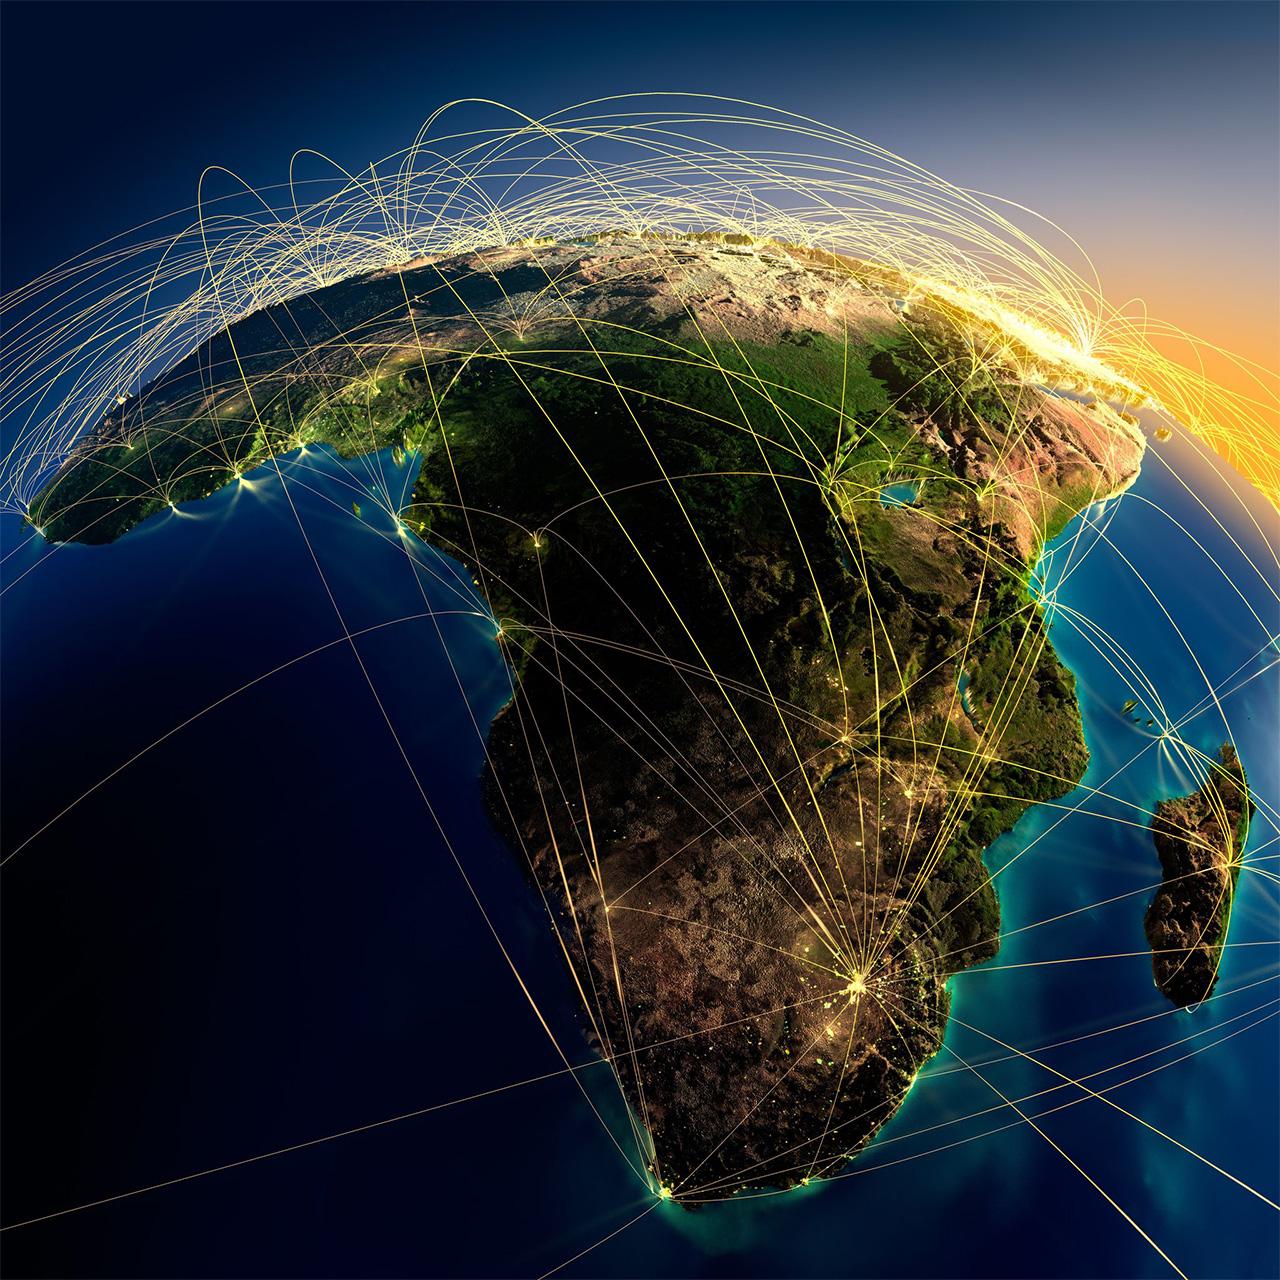 寺久保さんは、「アフリカでは『産業革命』を経ずに『情報革命』が起きた」と話す